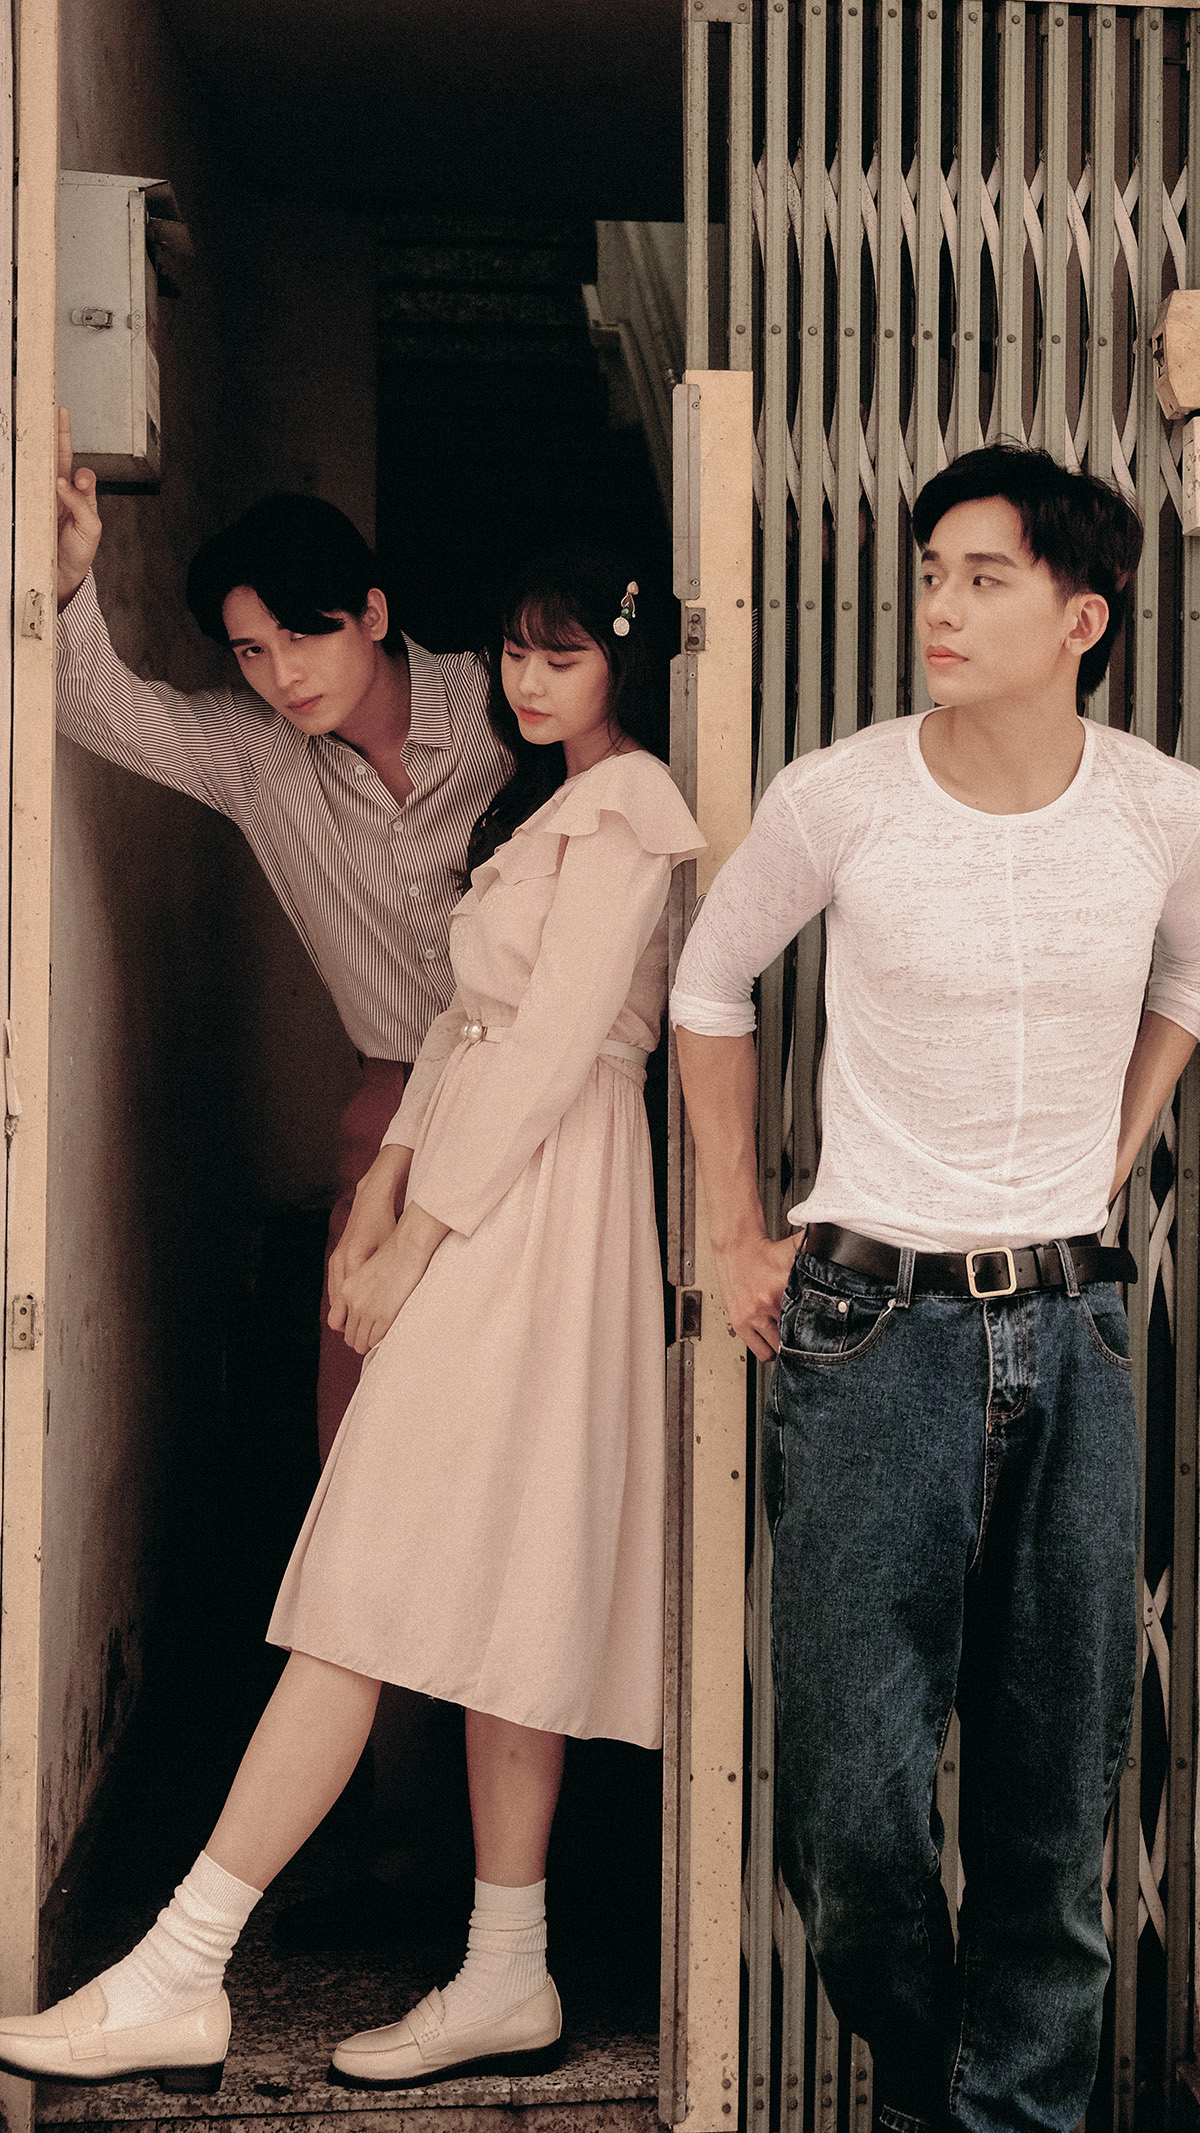 Tan chảy với bộ ảnh thanh xuân ngọt ngào của Trương Quỳnh Anh và hai soái ca